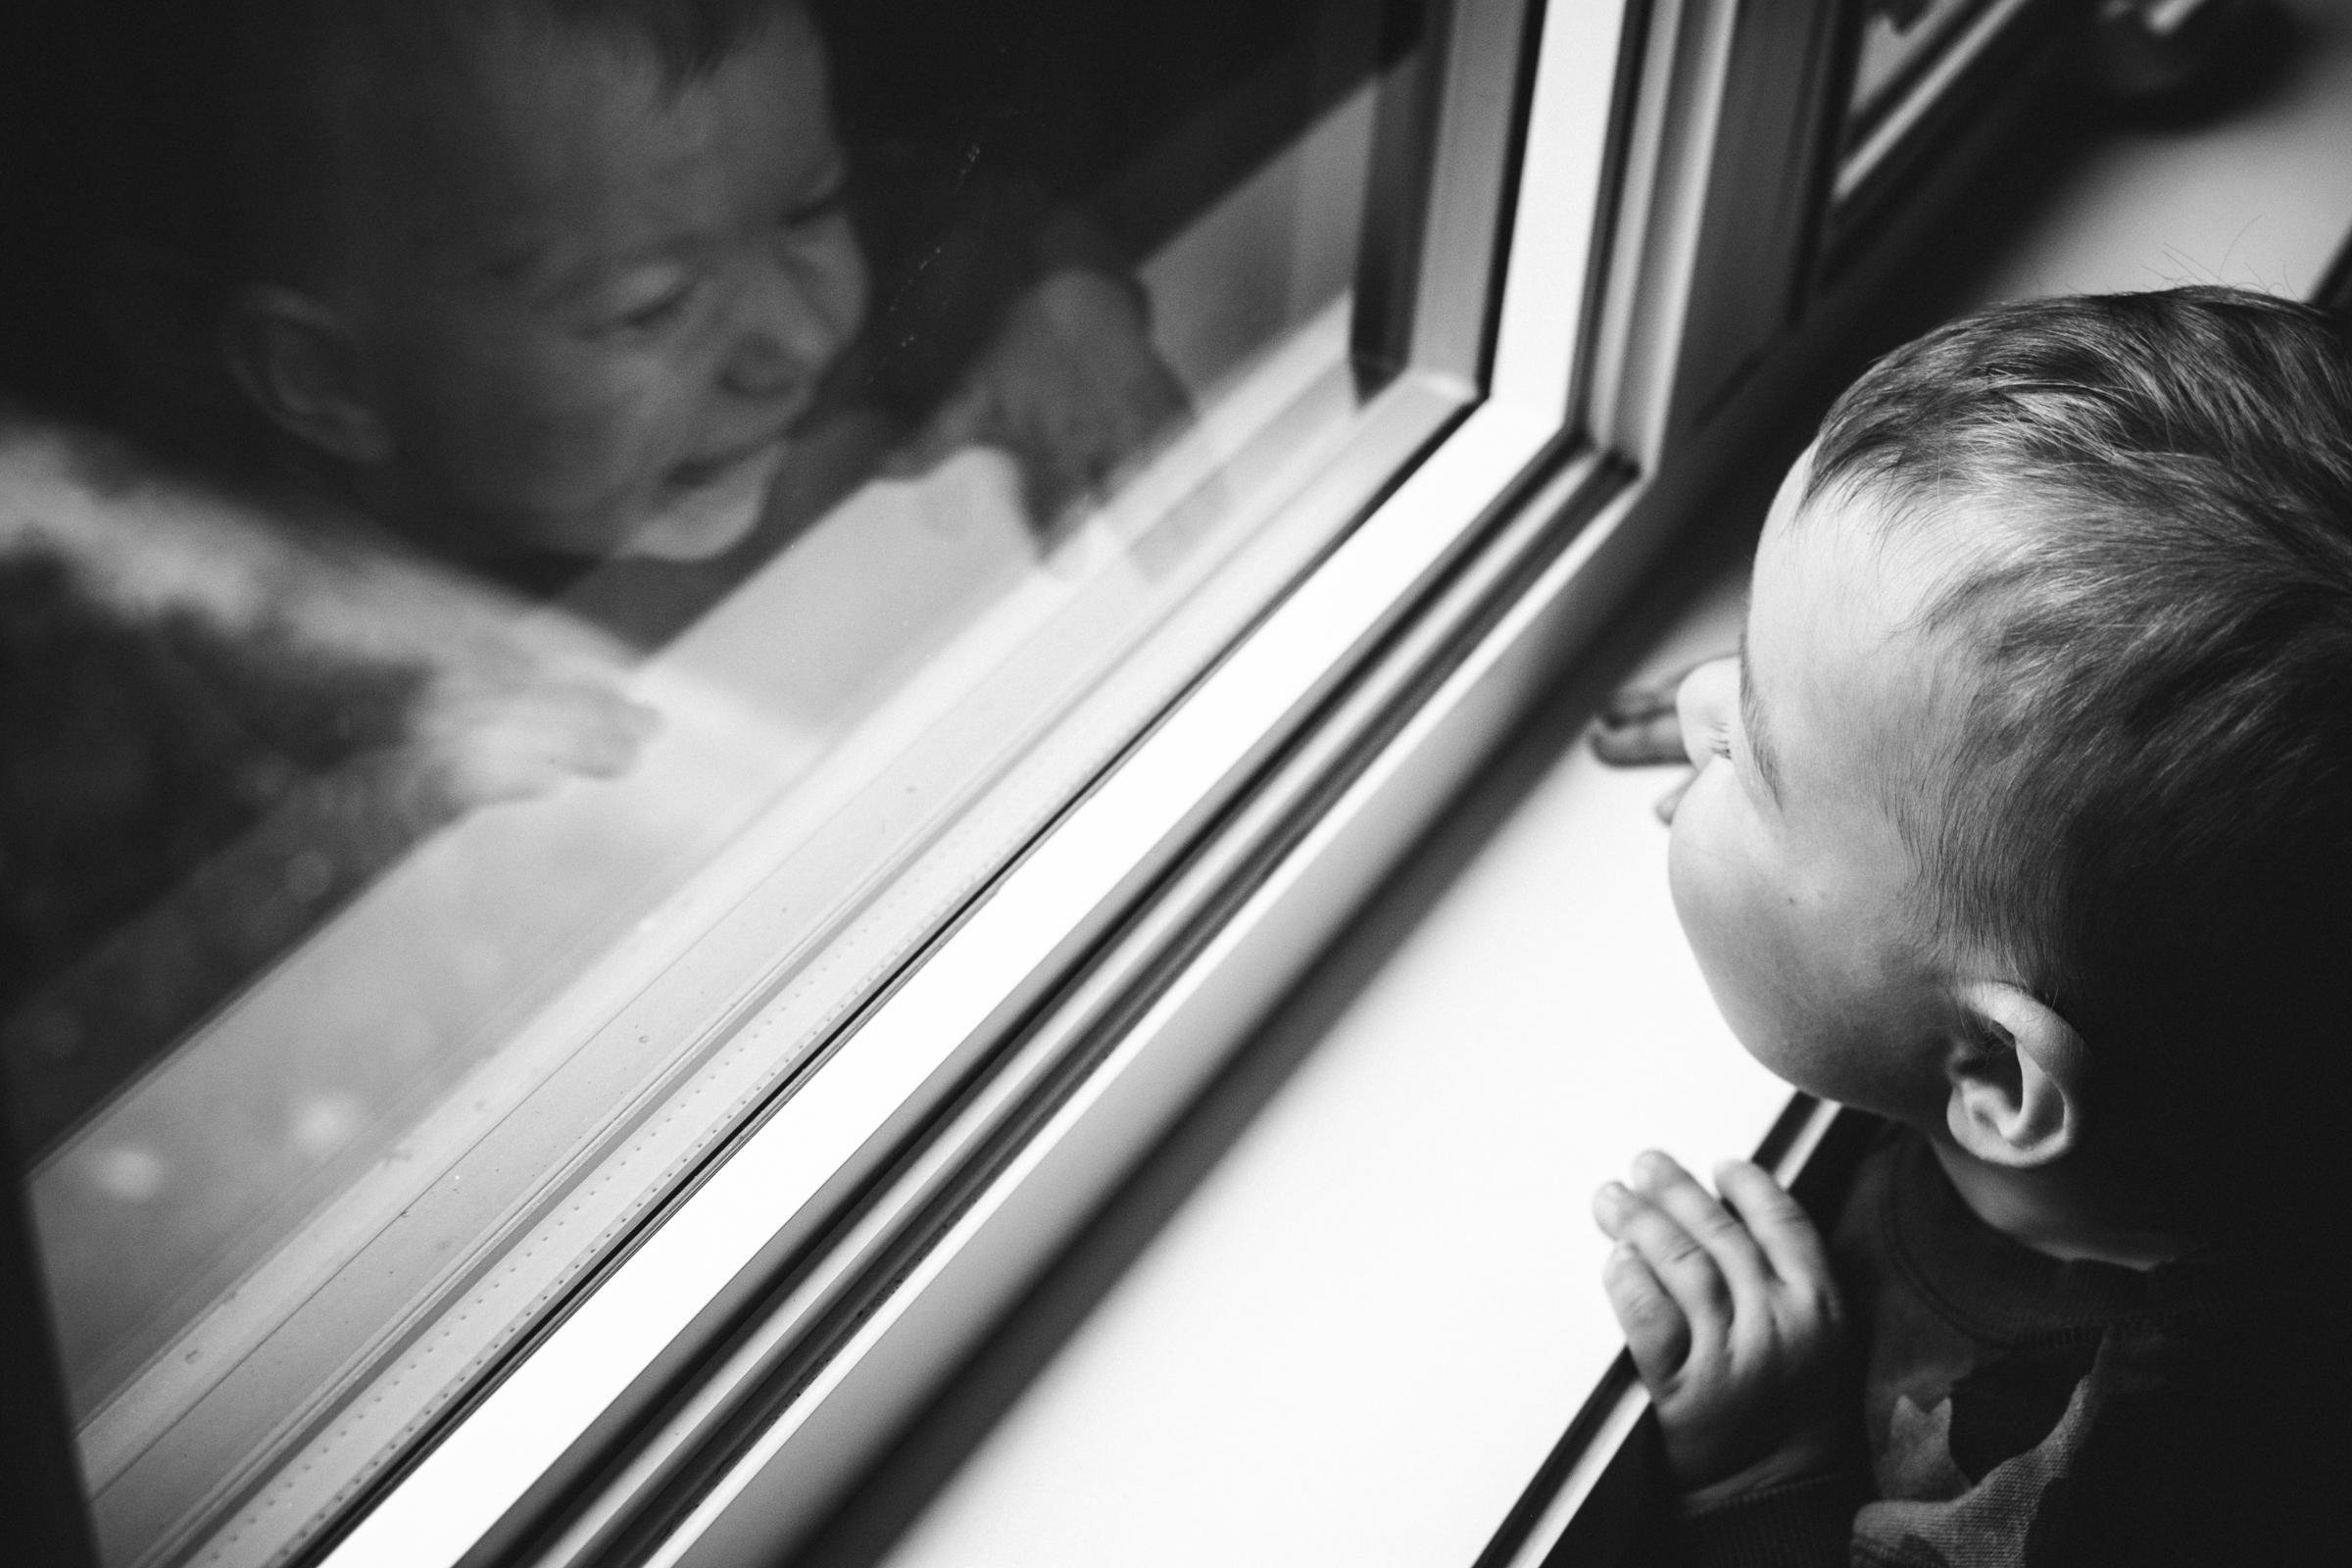 photo-enfant-regardant-par-fenetre-photographe-de-famille-a-domicile-montreal-victoriaville-enfant-lifestyle-34.jpg